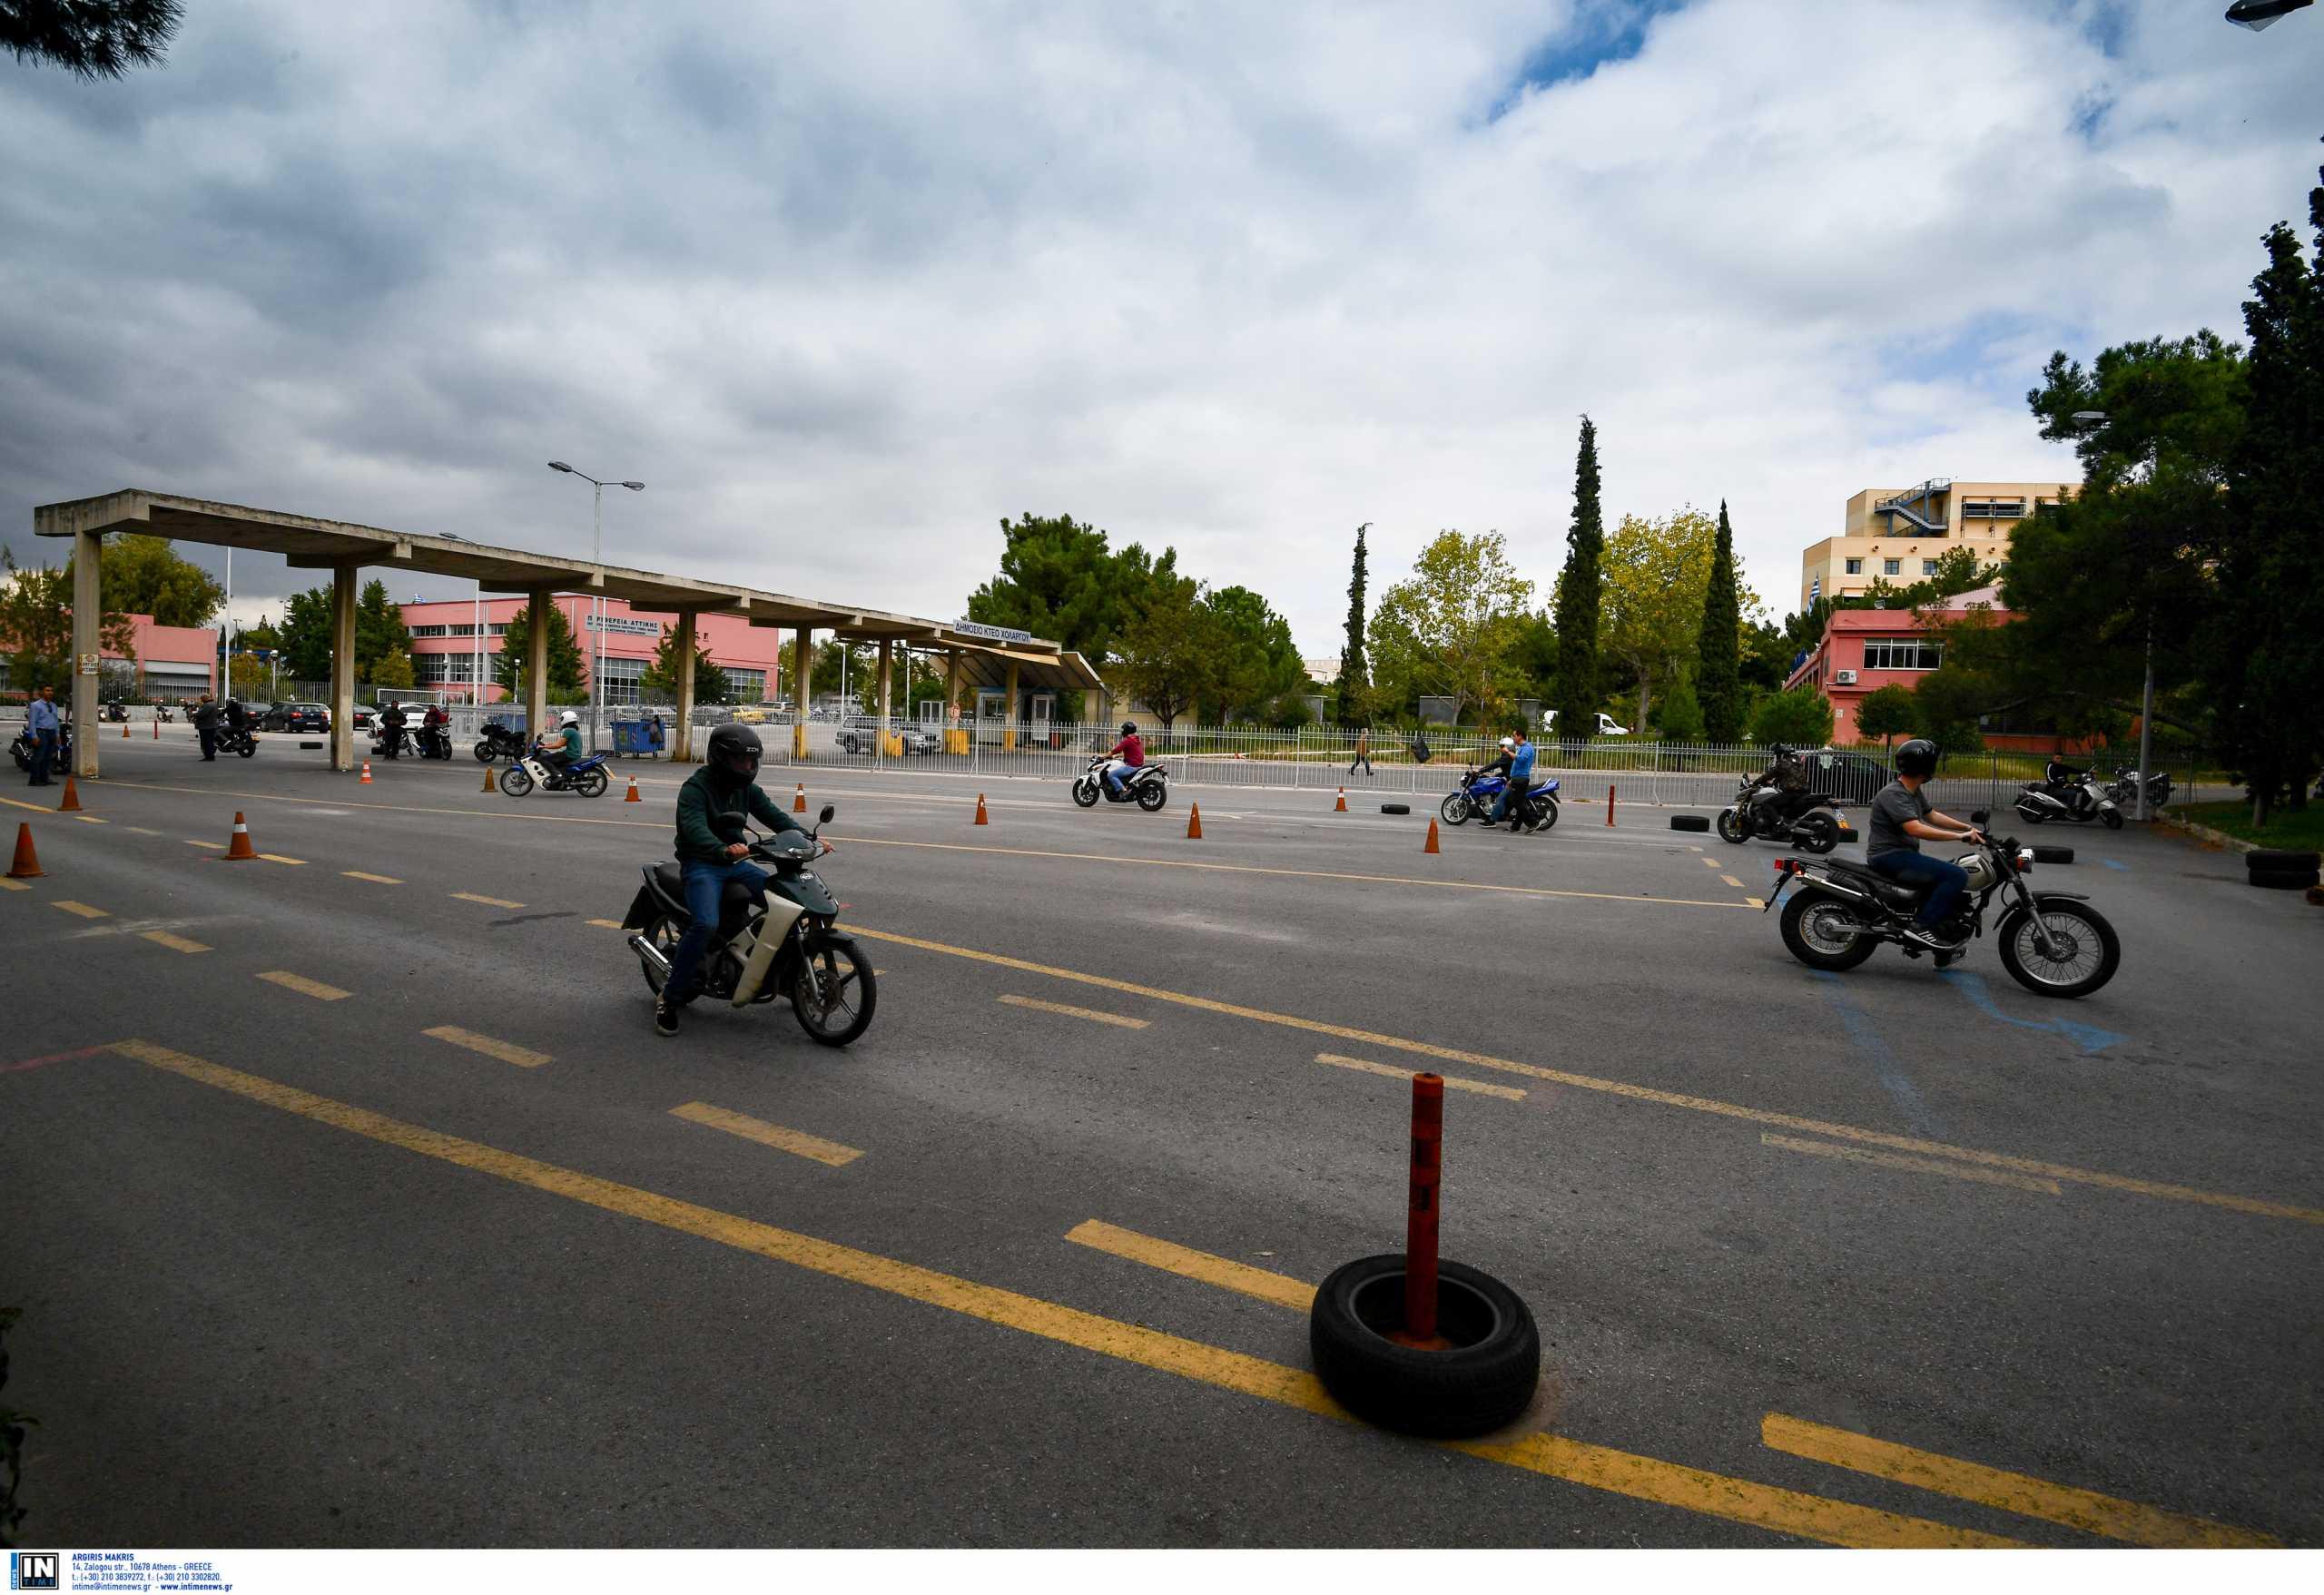 Διπλώματα οδήγησης: Εξετάσεις από τα 17, εξεταστής στο μπροστινό κάθισμα και κάμερες – Όλο το σχέδιο νόμου